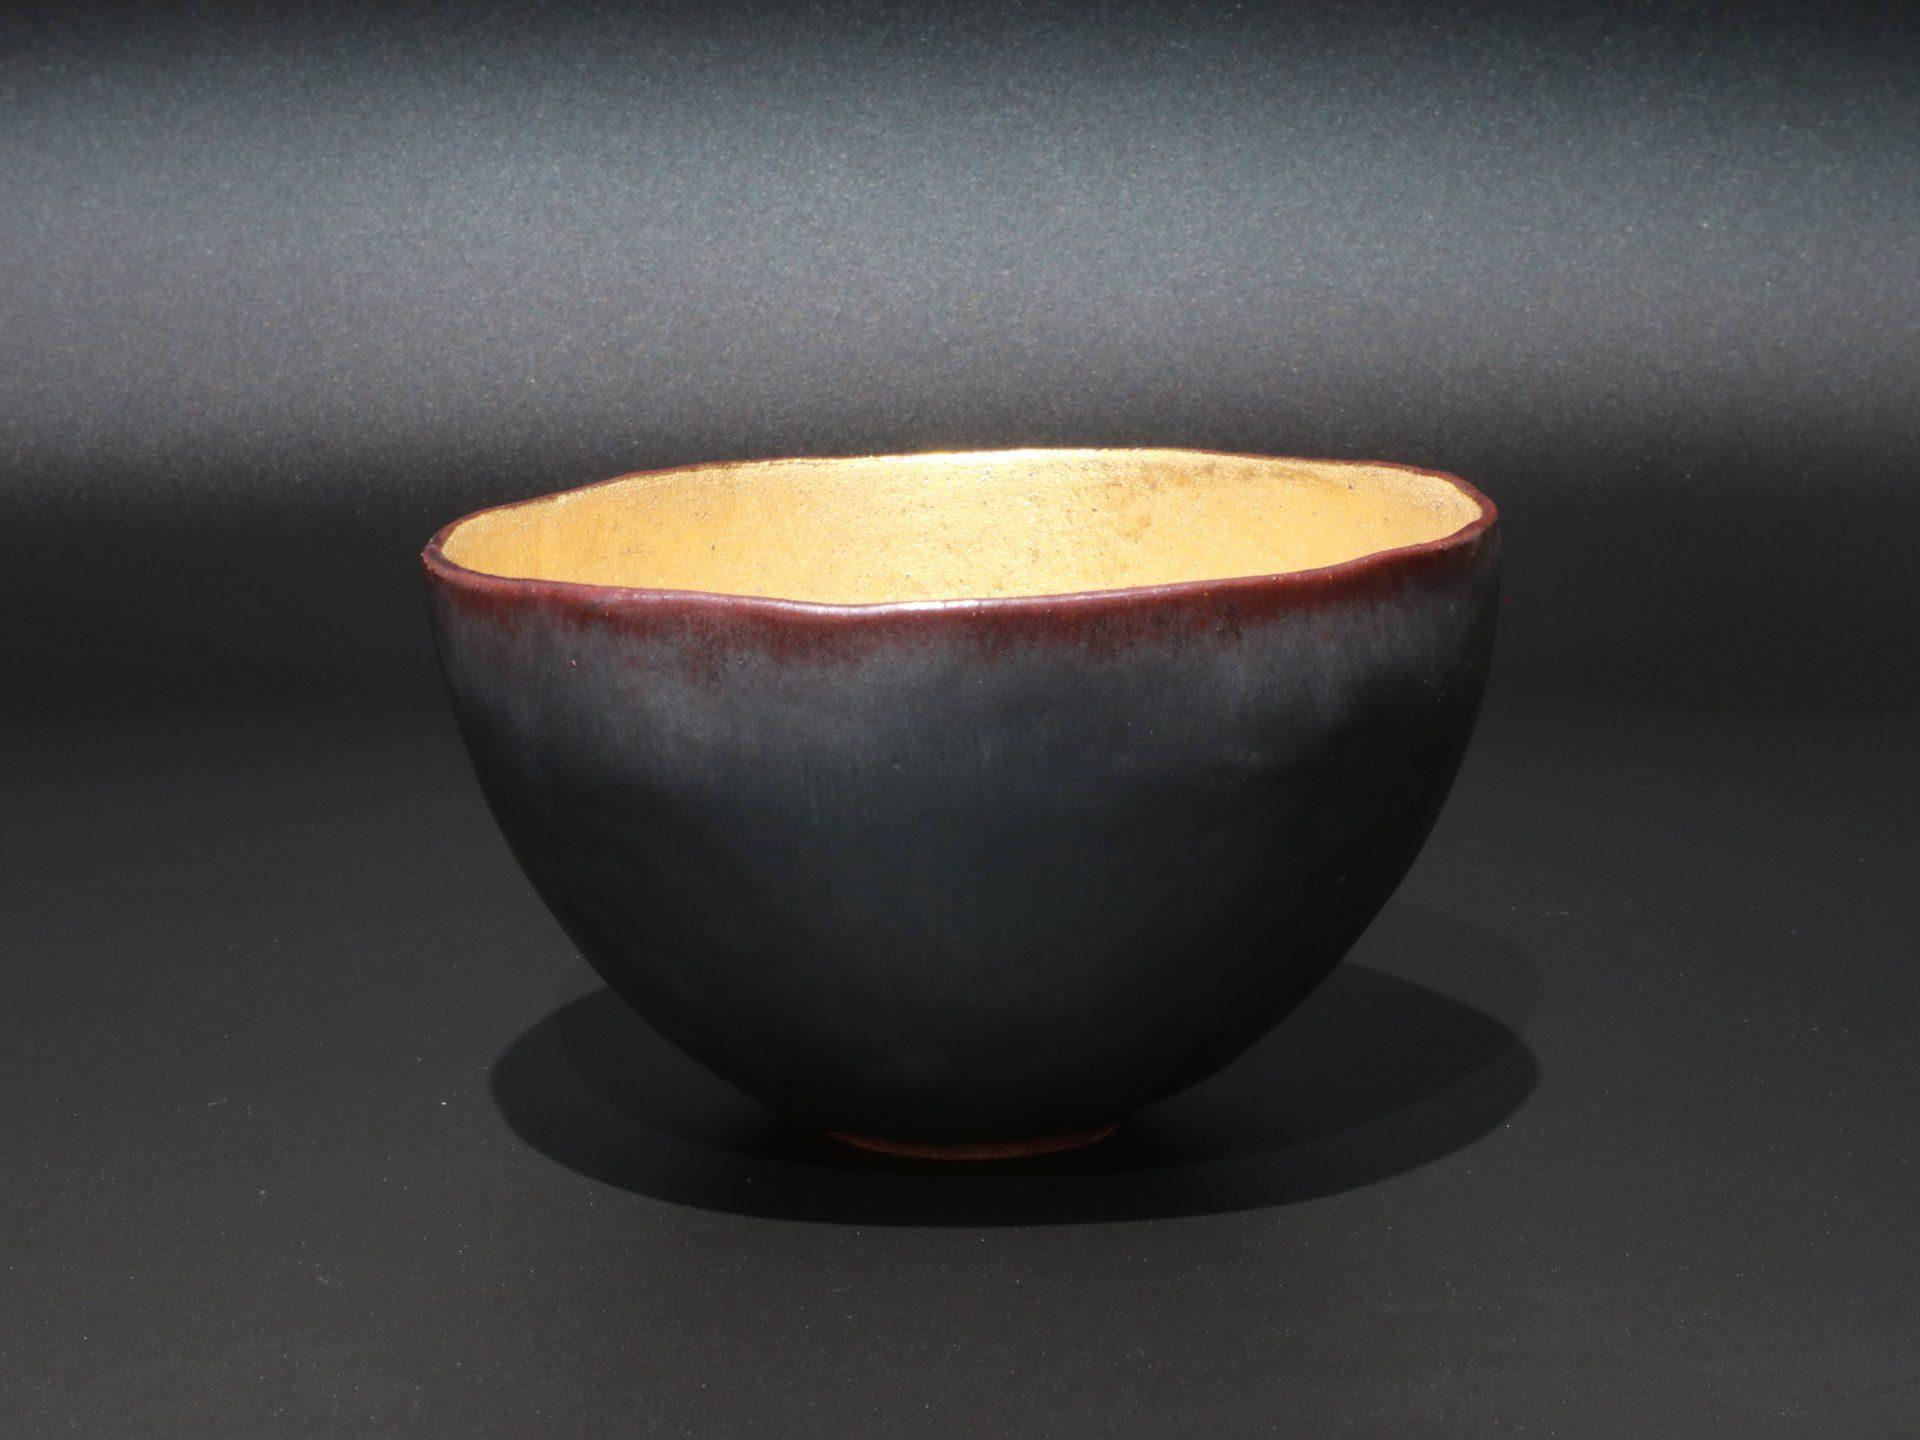 藤平寧 茶碗 鉄釉 金彩 京都